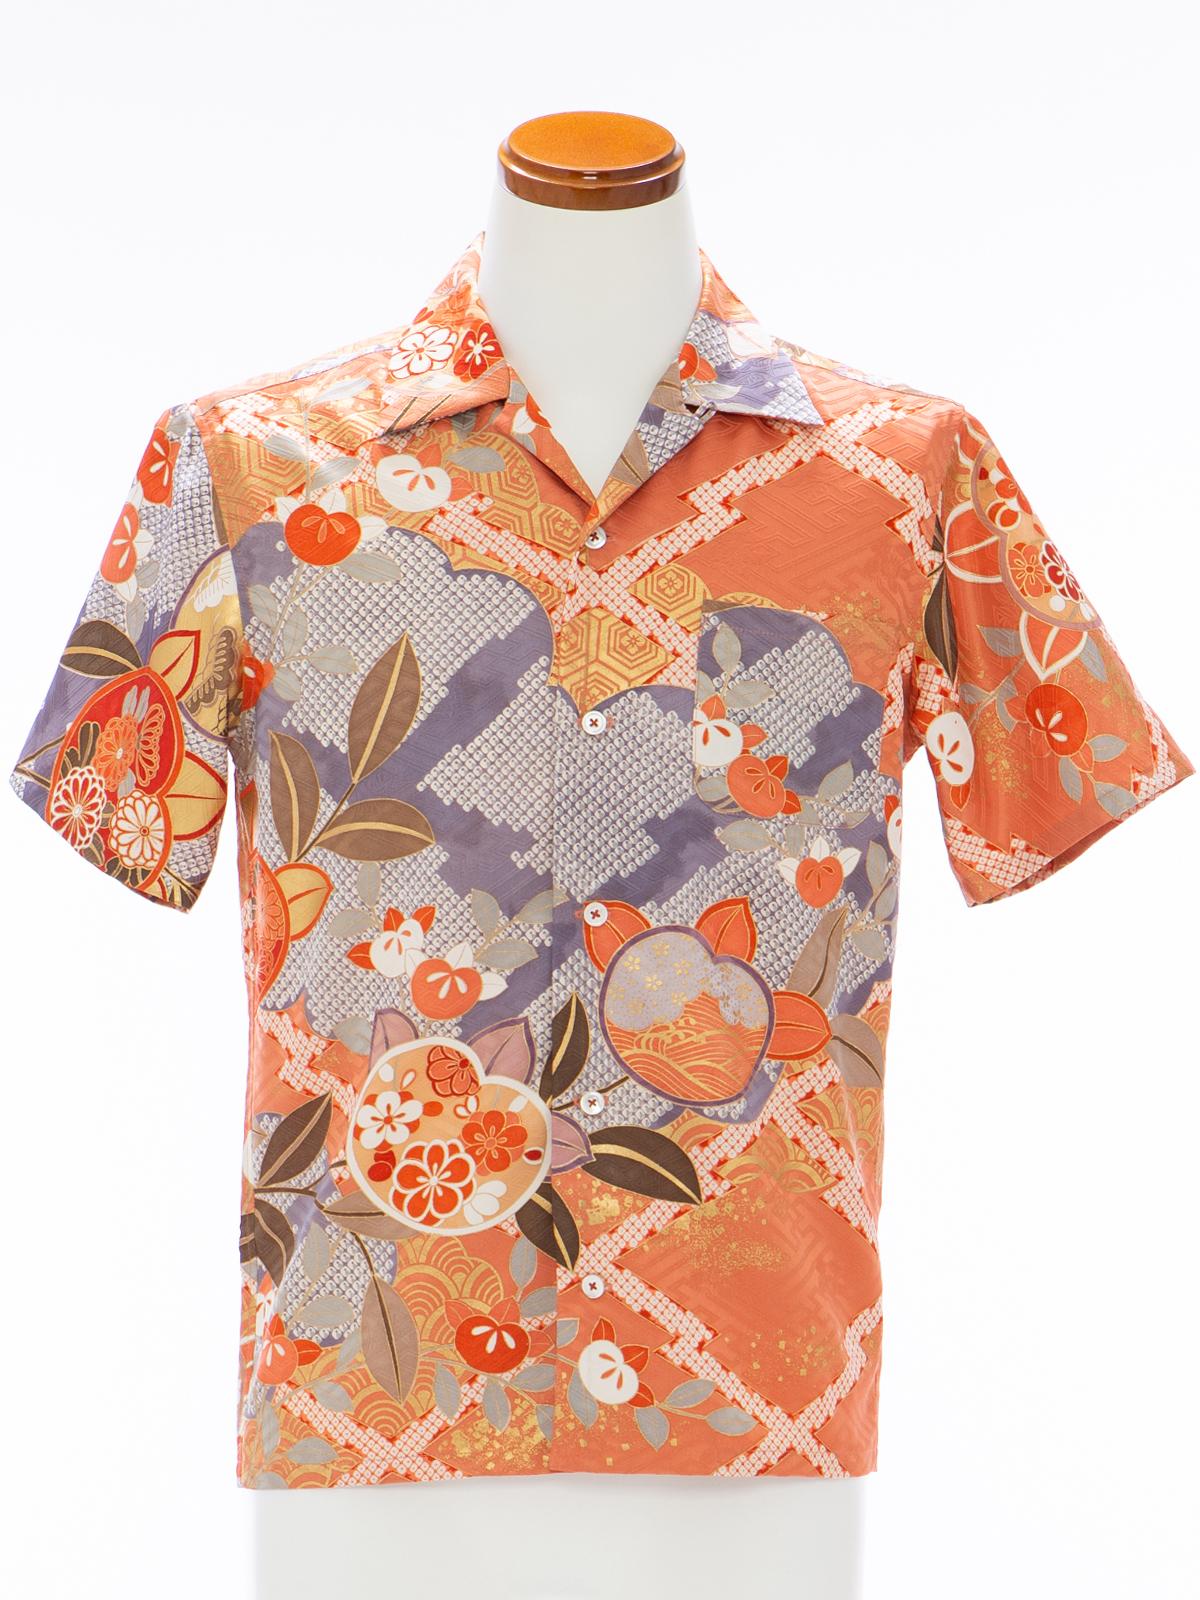 着物アロハシャツ「追憶にふけるA」AH100097